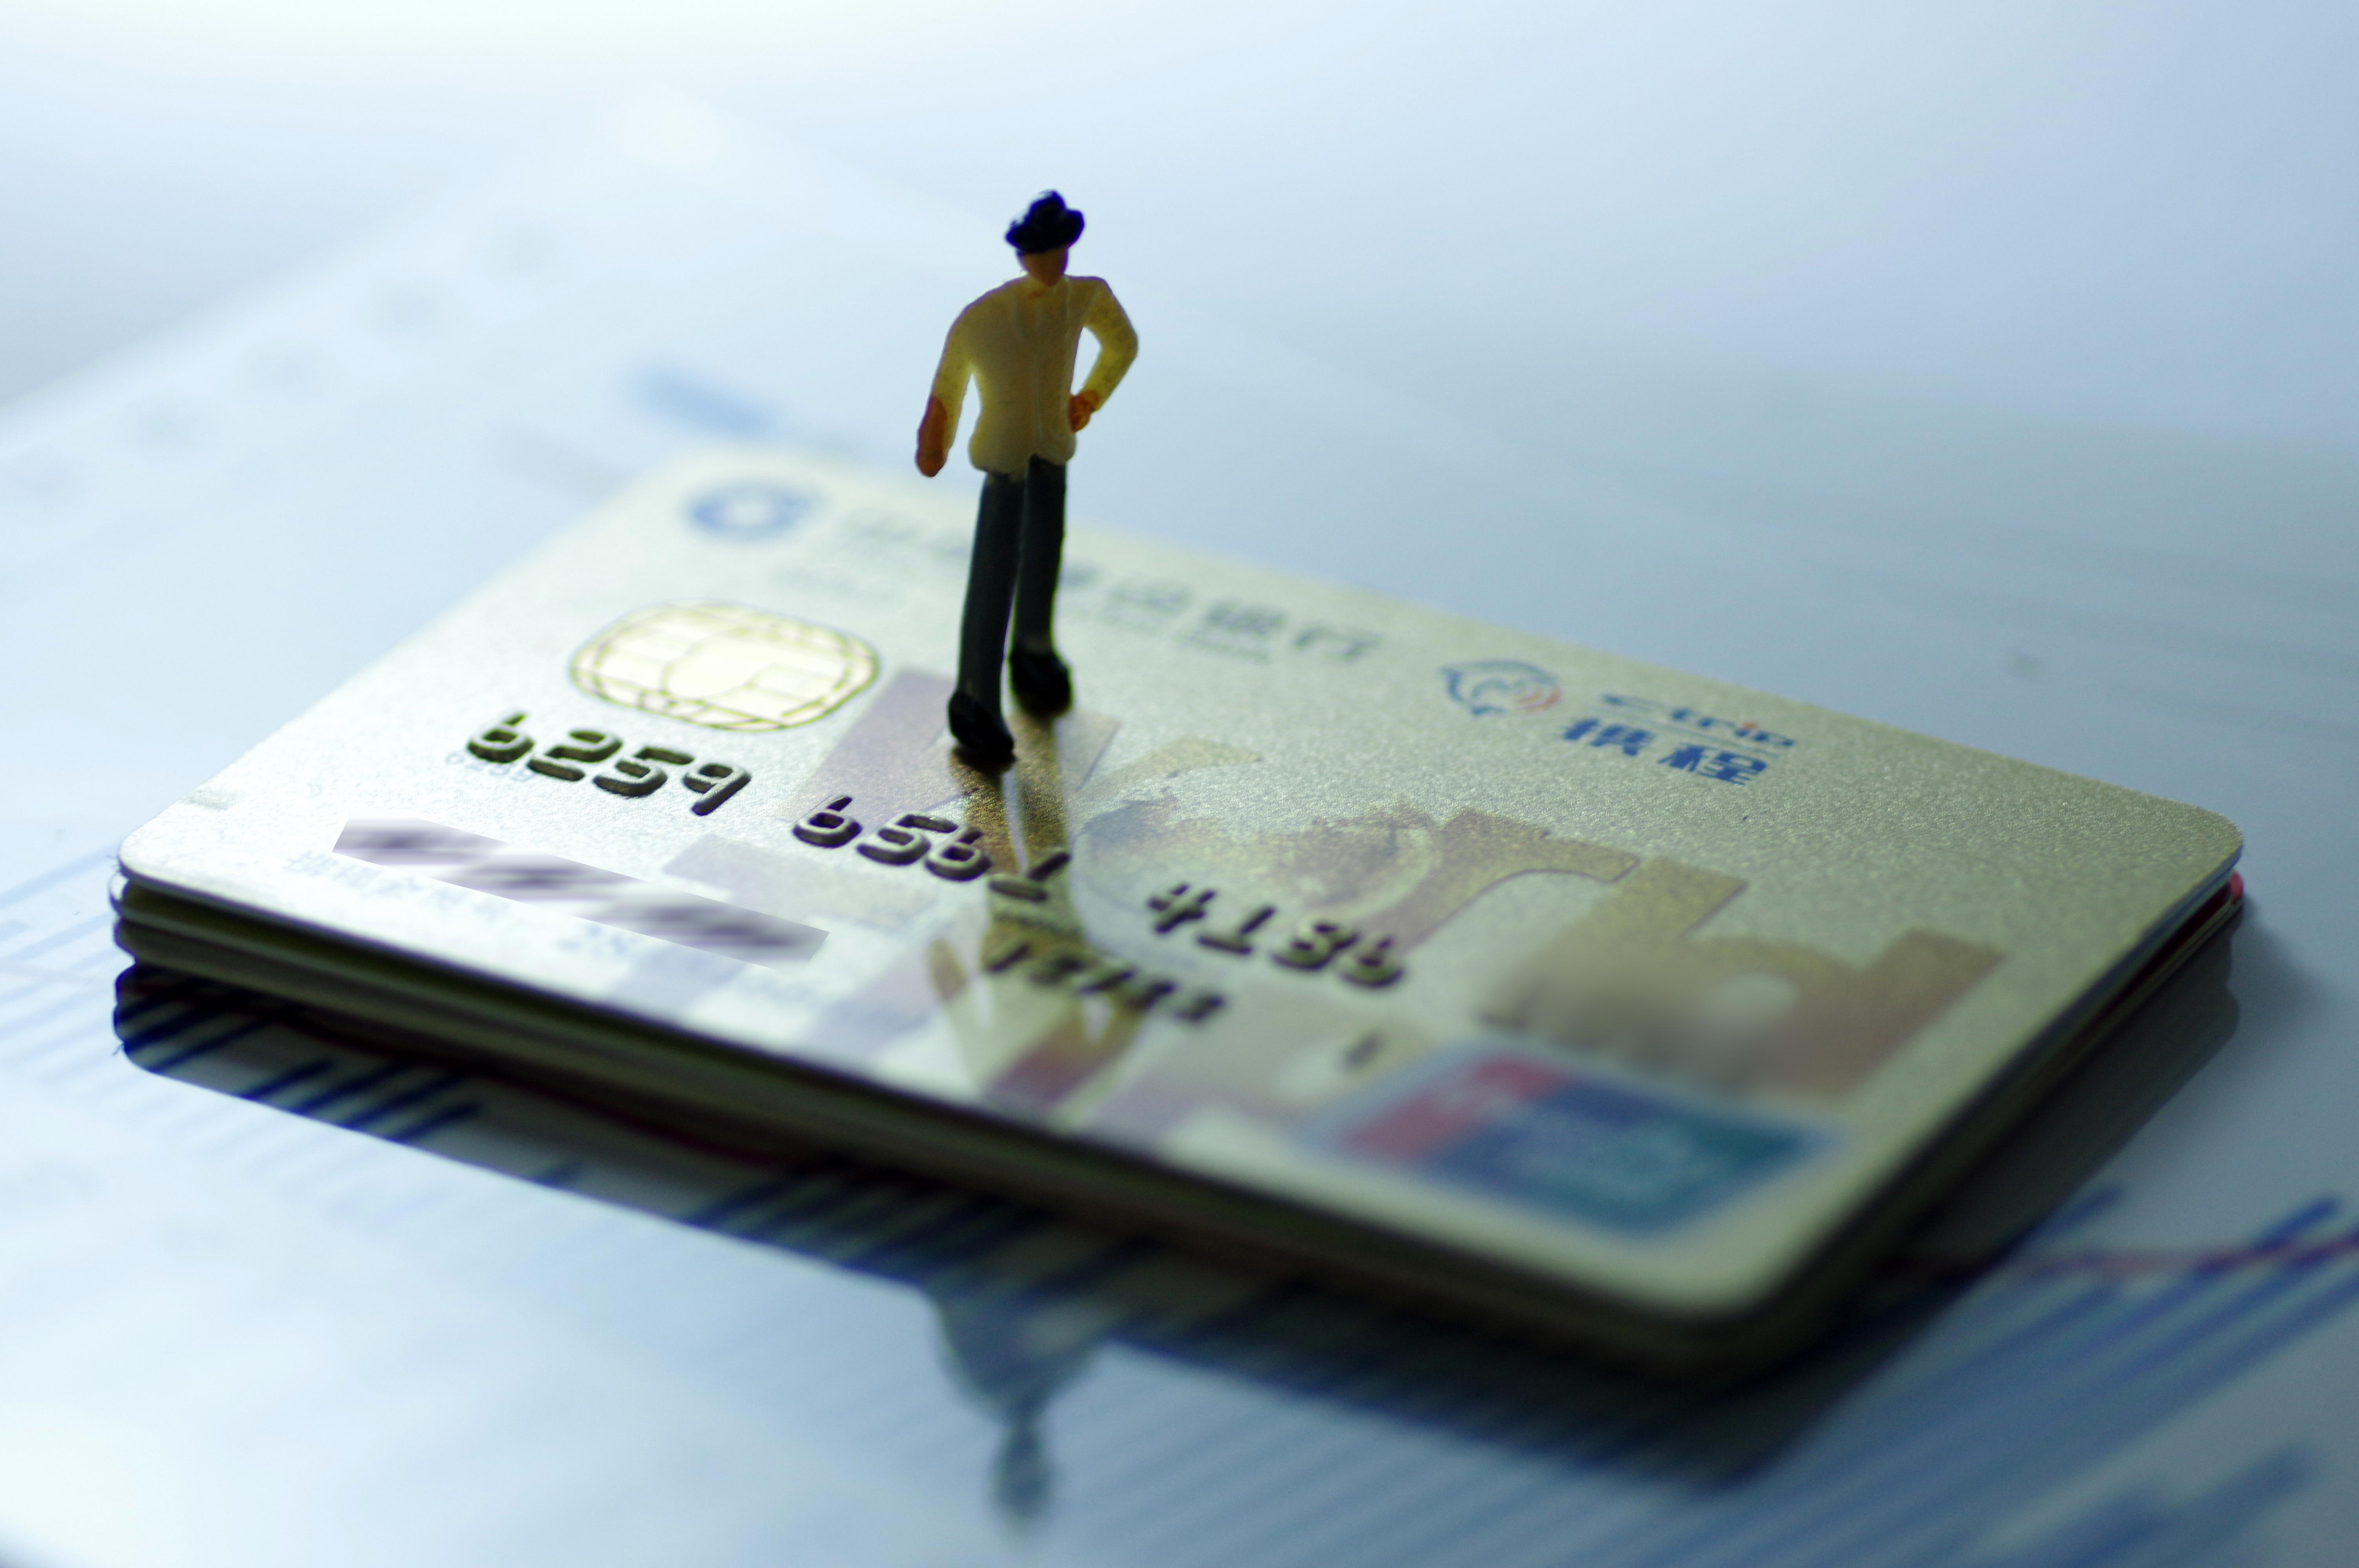 花旗银行信用卡类别、级别、额度及年费介绍。